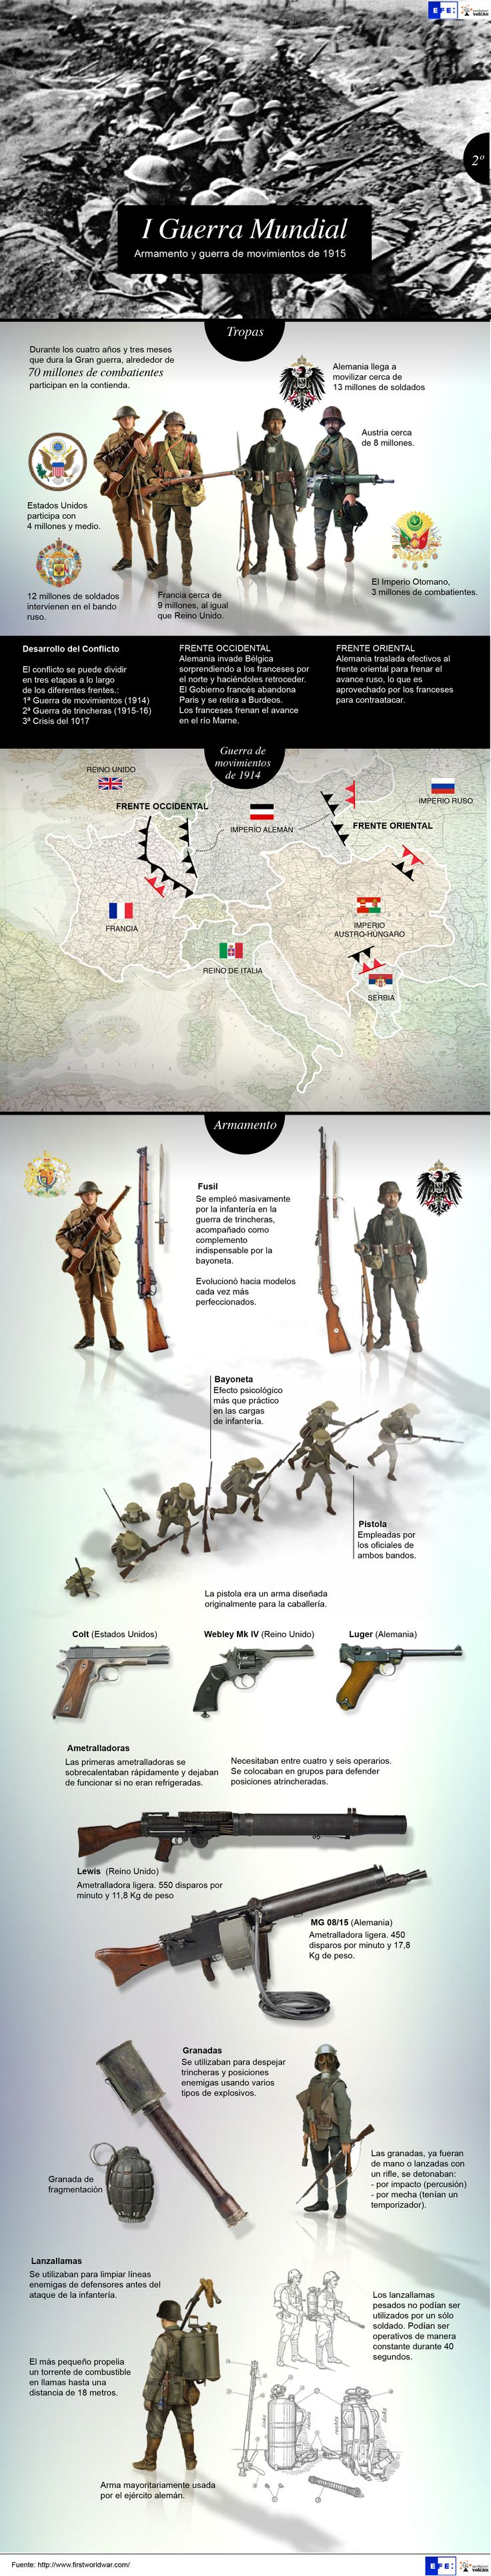 Primera Guerra Mundial. Nuevas armas y primera fase. Agencia EFE.